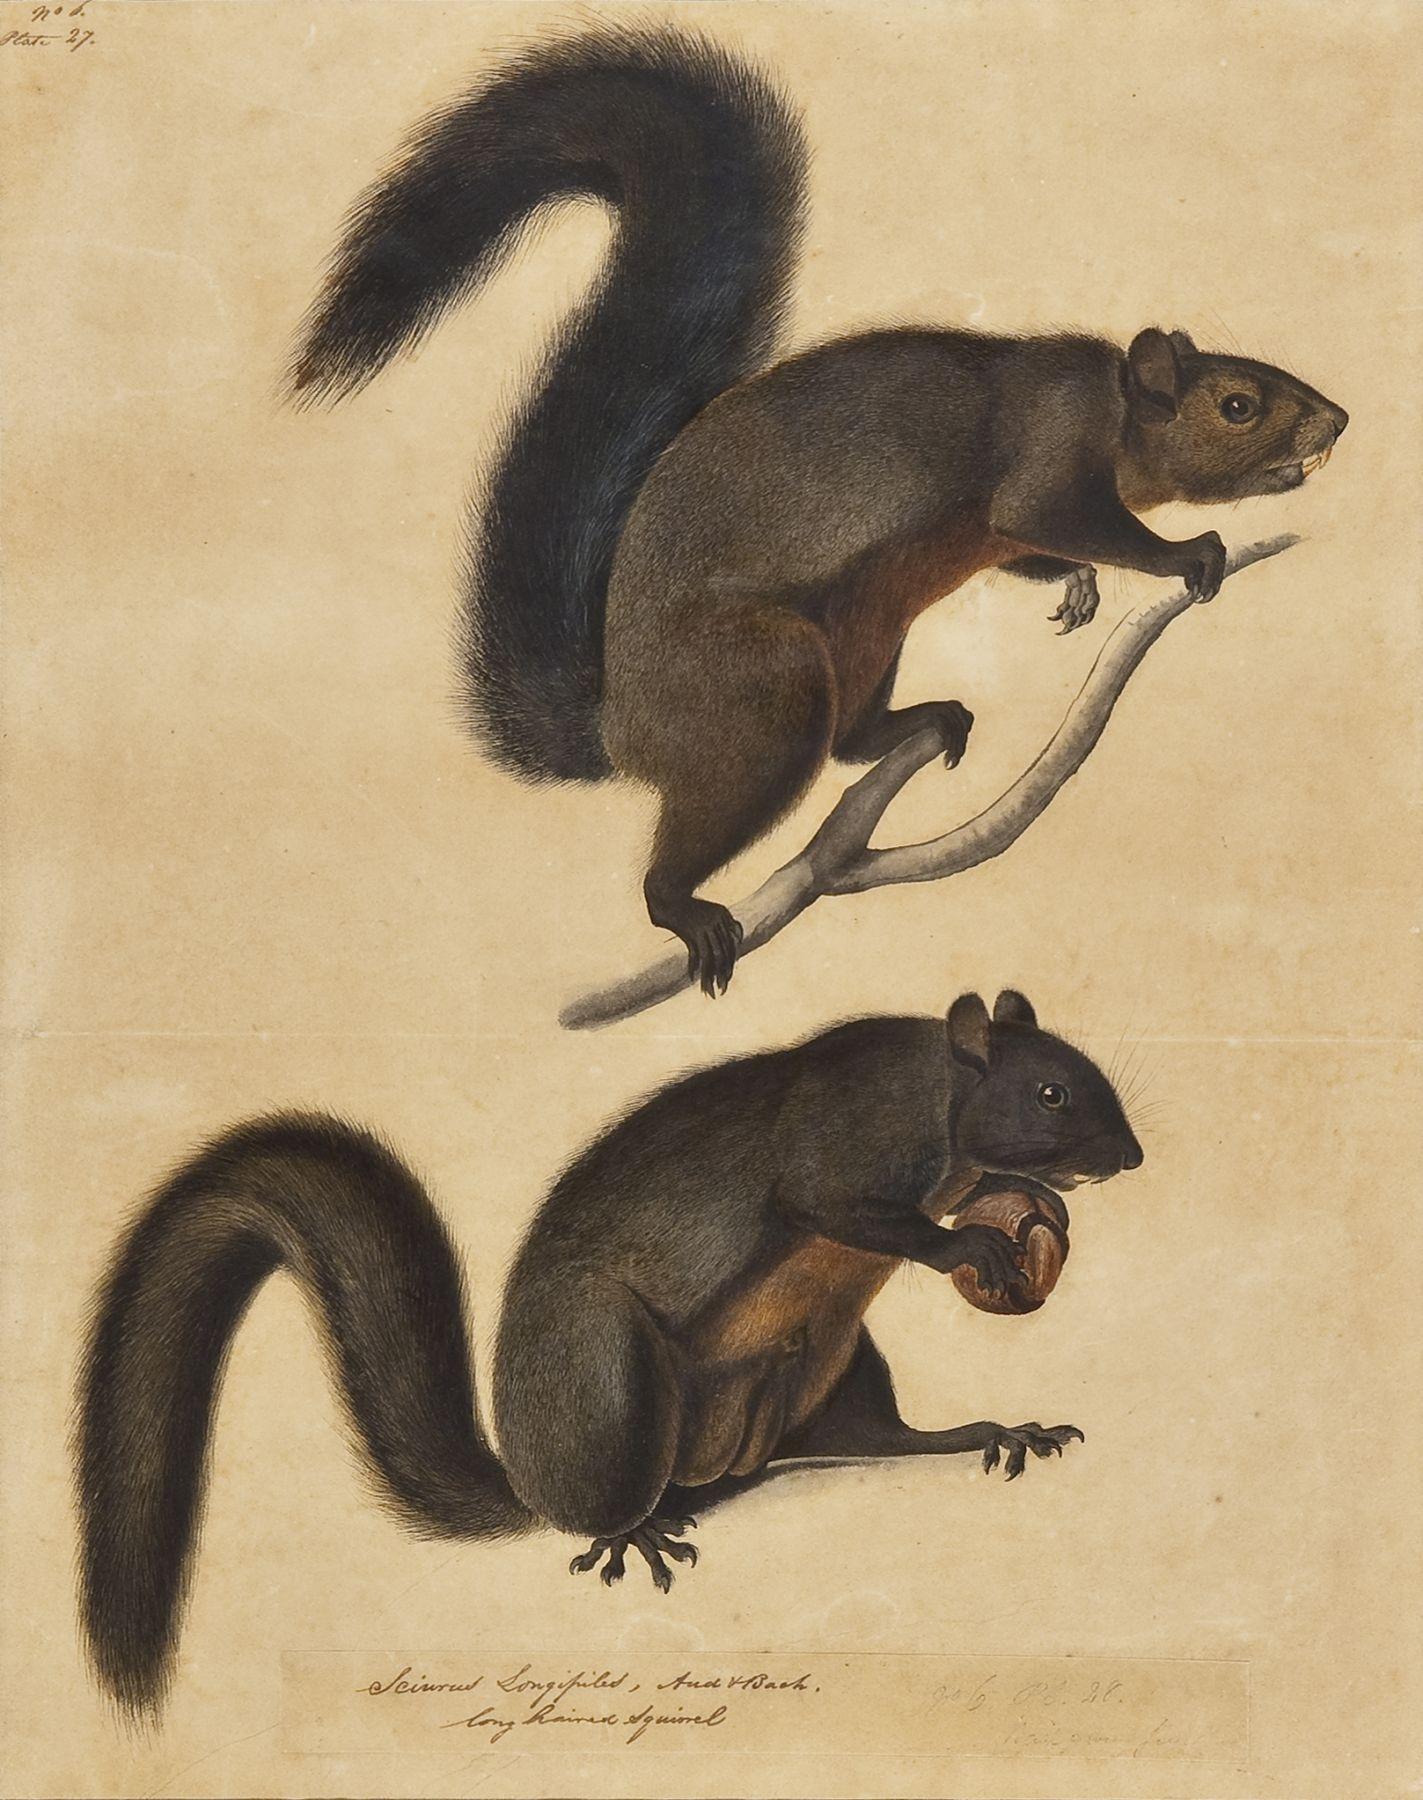 JOHN JAMES AUDUBON (1785–1851), Long Haired Squirrel, c. 1841